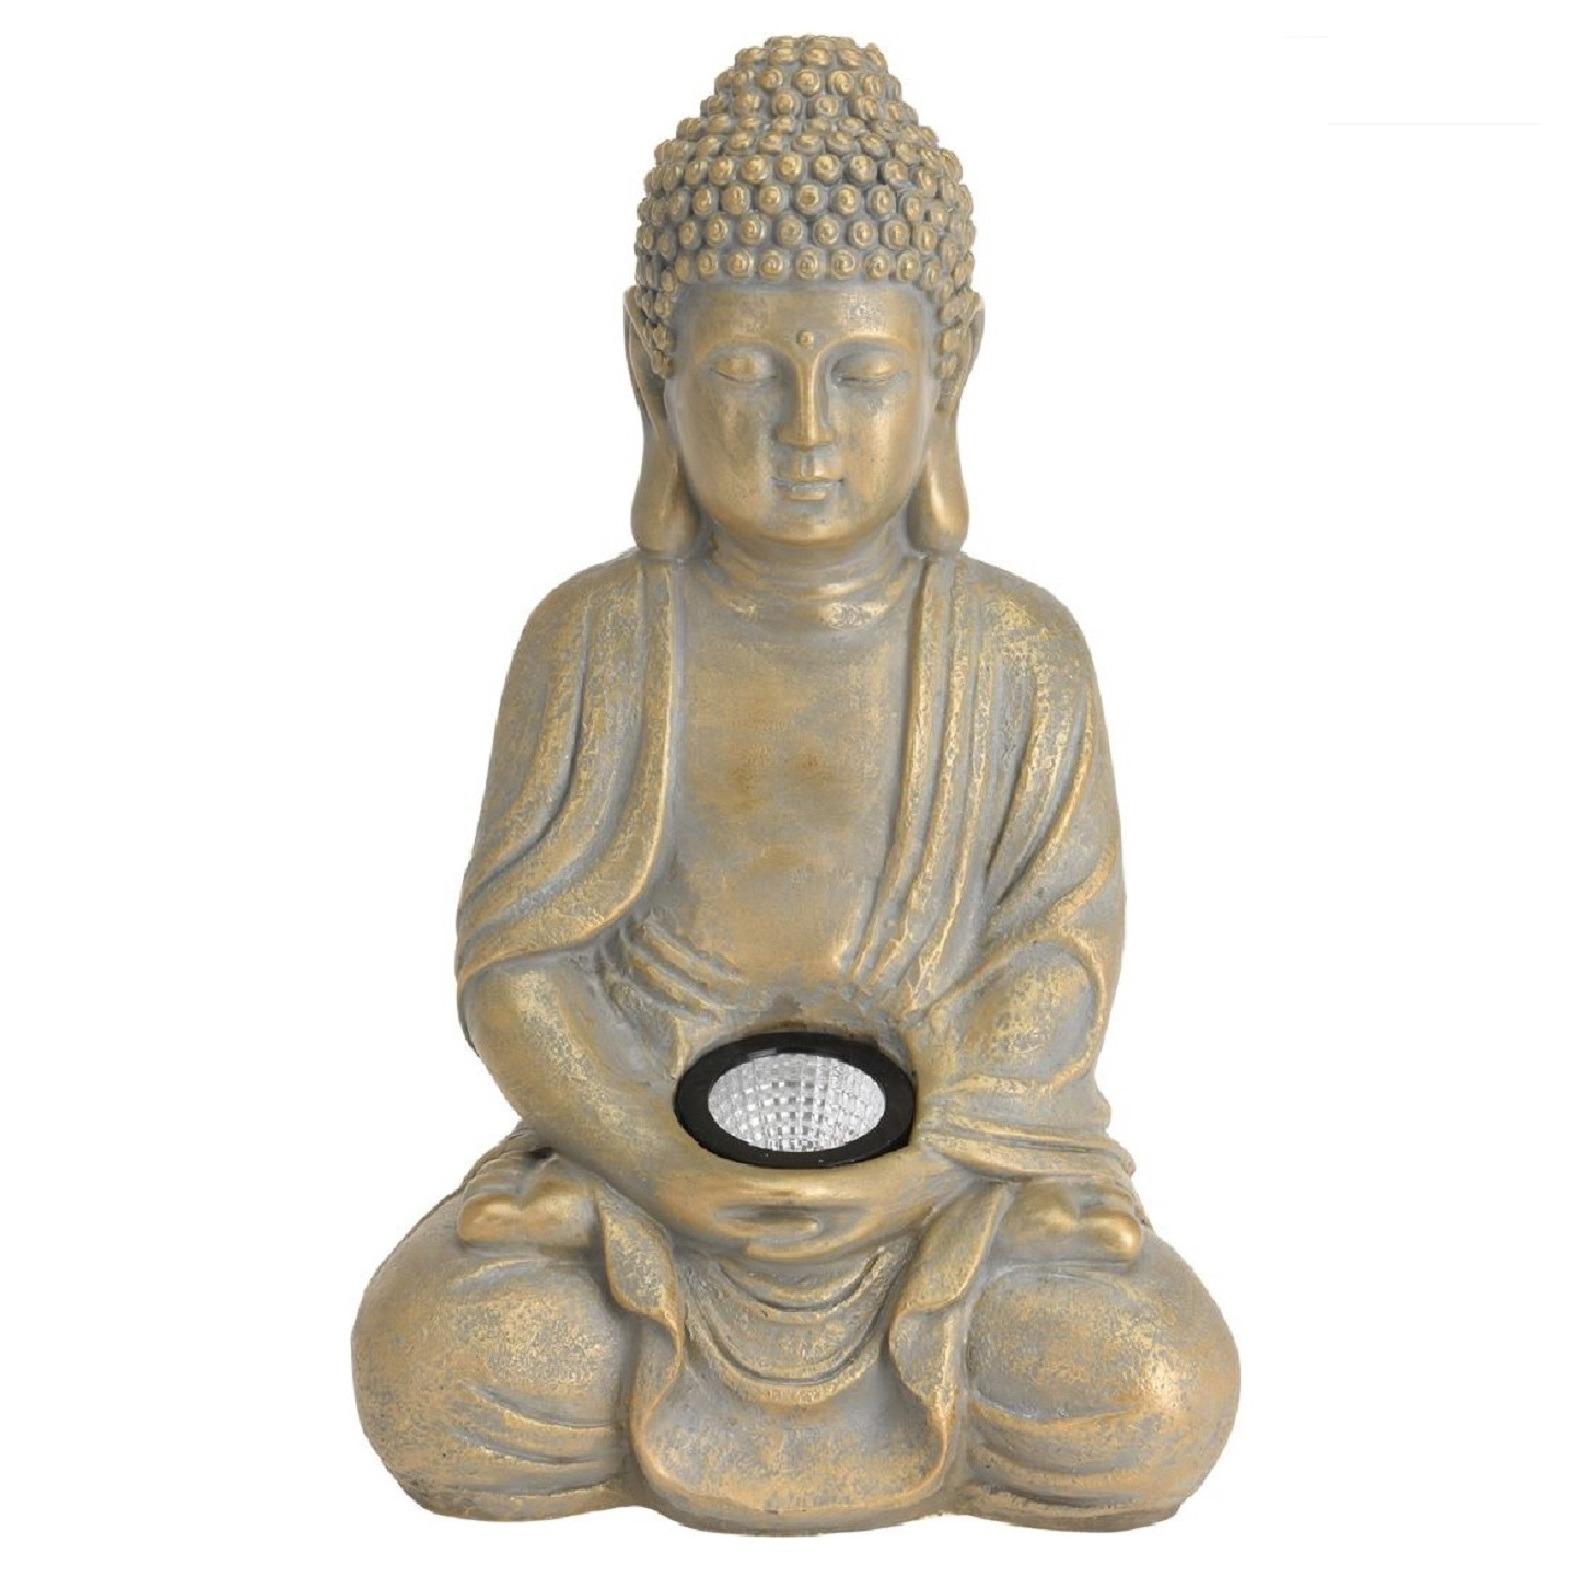 1x Boeddha beeld goud met solar verlichting 33 cm - Tuinbeelden